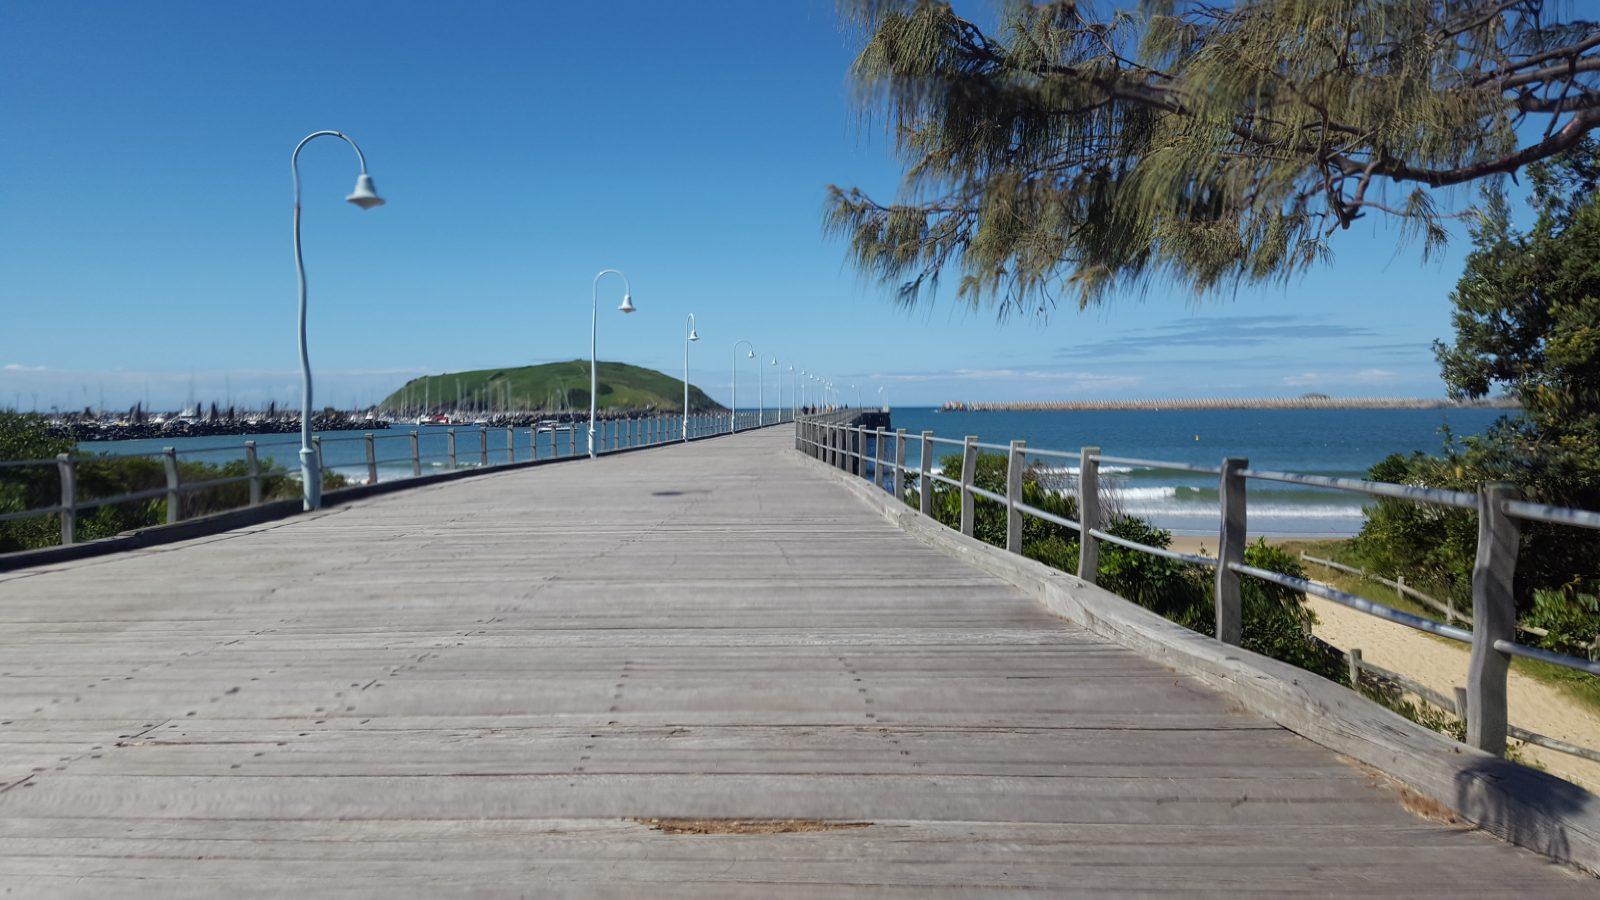 Promenade à la marina